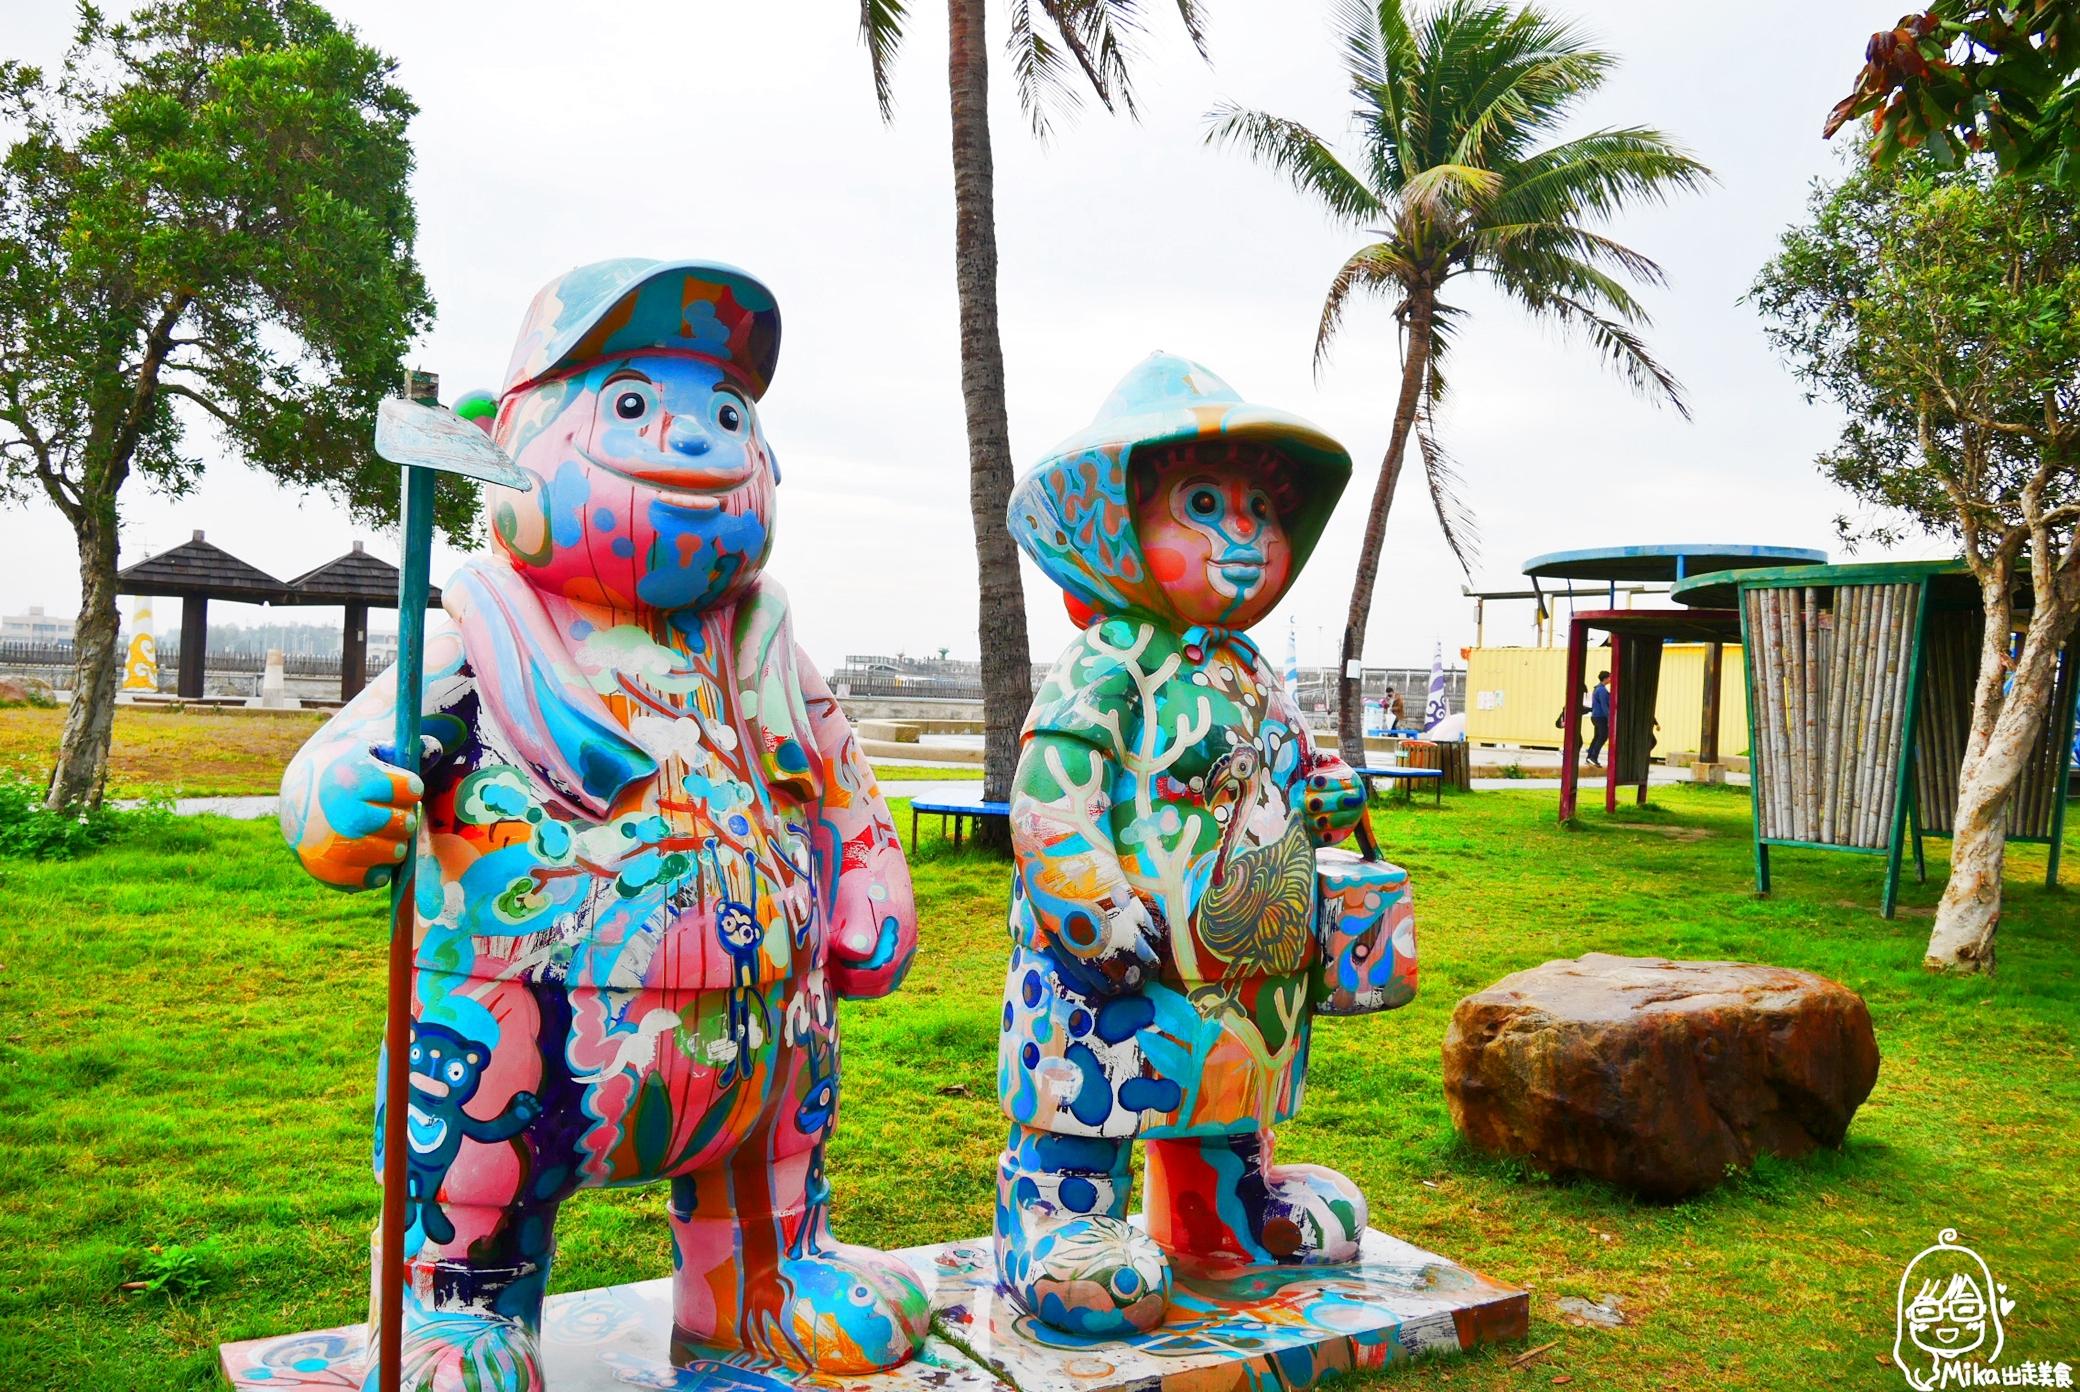 『嘉義。景點』 東石漁人碼頭|夕陽、漁港、蚵田、網美最愛裝置藝術、新鮮海產、親子戲水、超大人工沙灘 ,一次可以滿足一家大小願望的觀光景點。